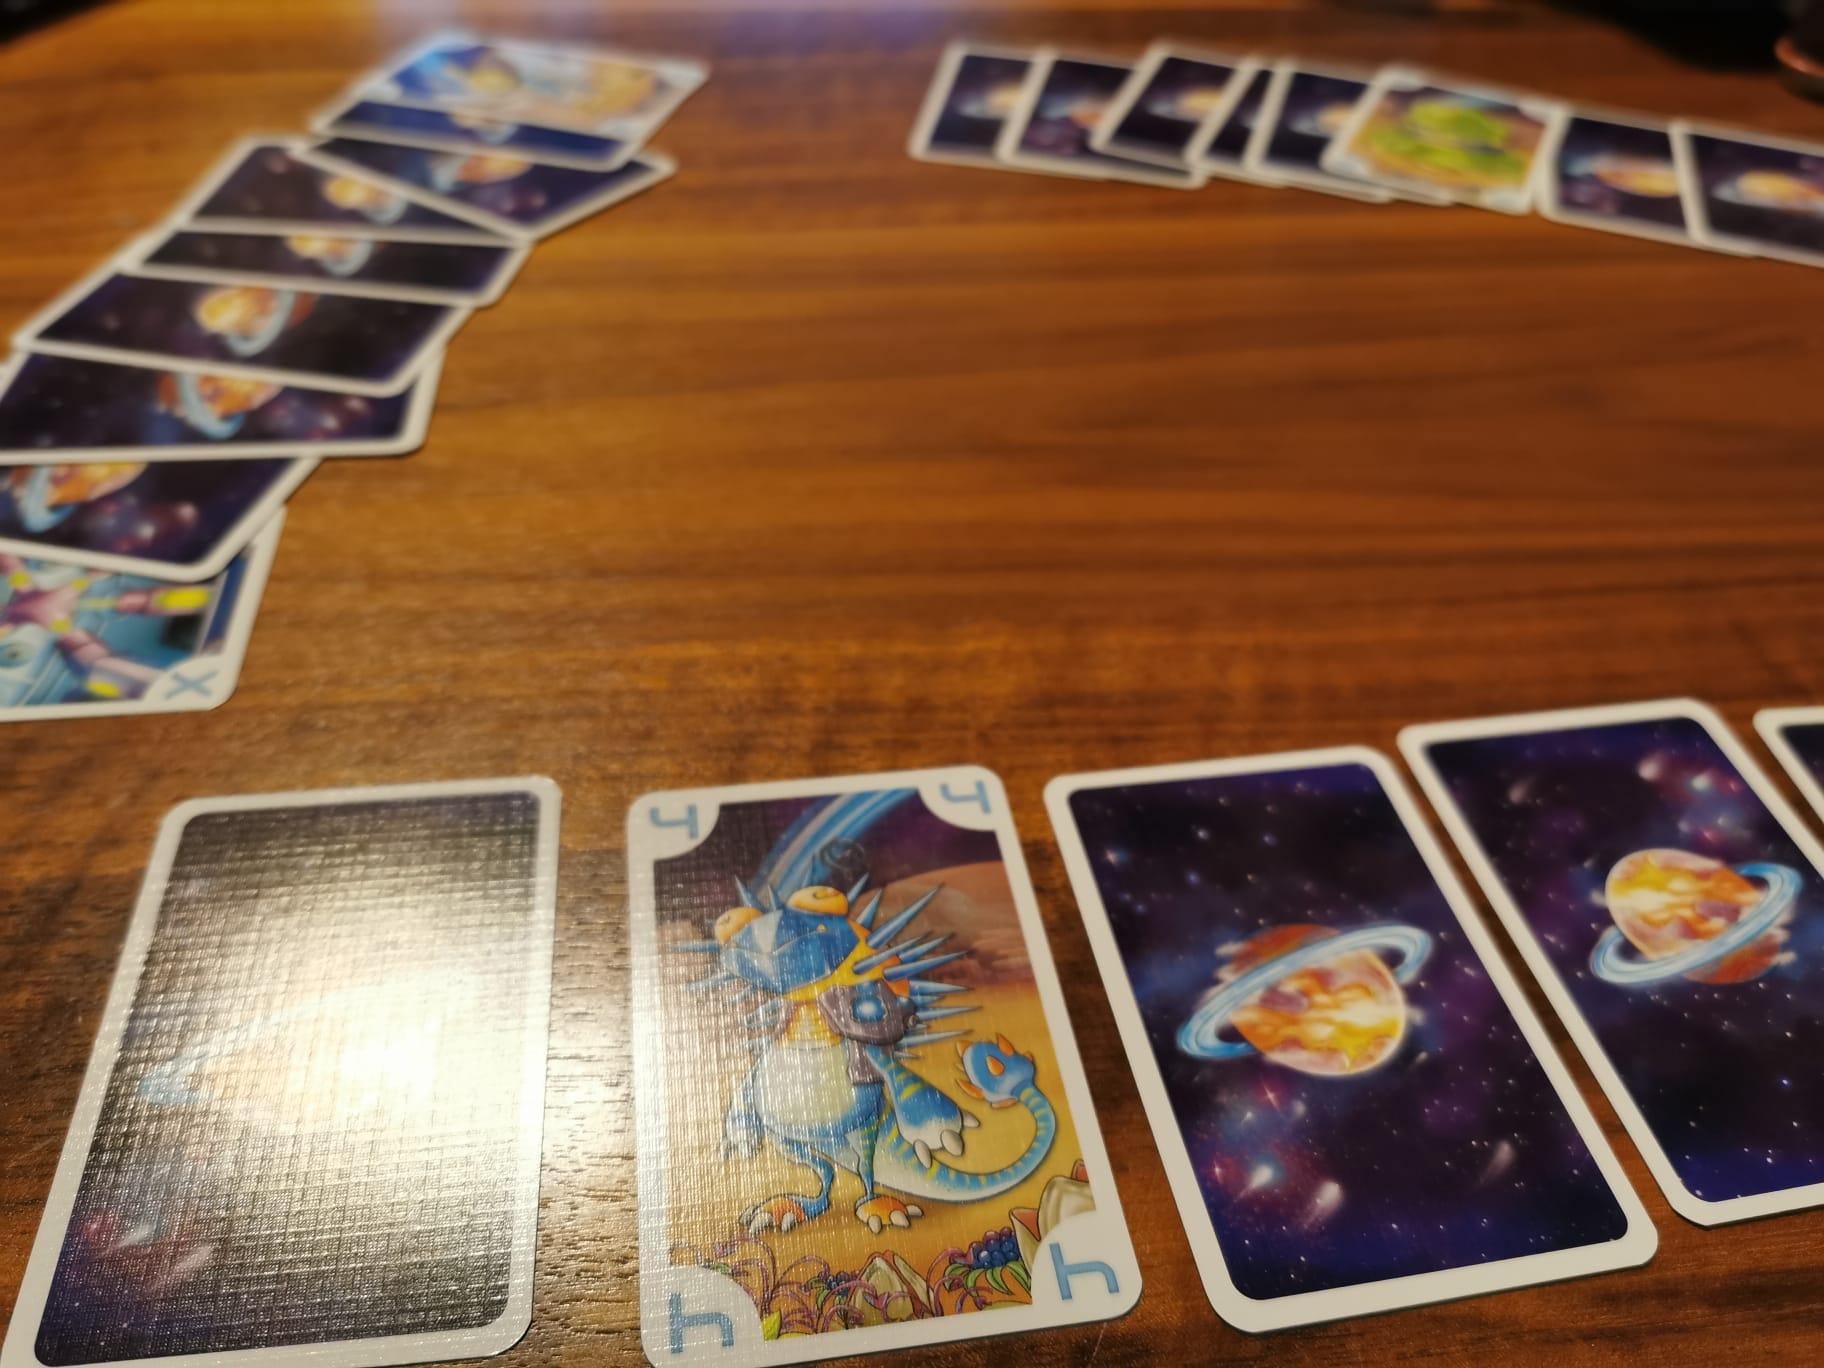 Handkarten auslegen und einzelne Karten aufdecken